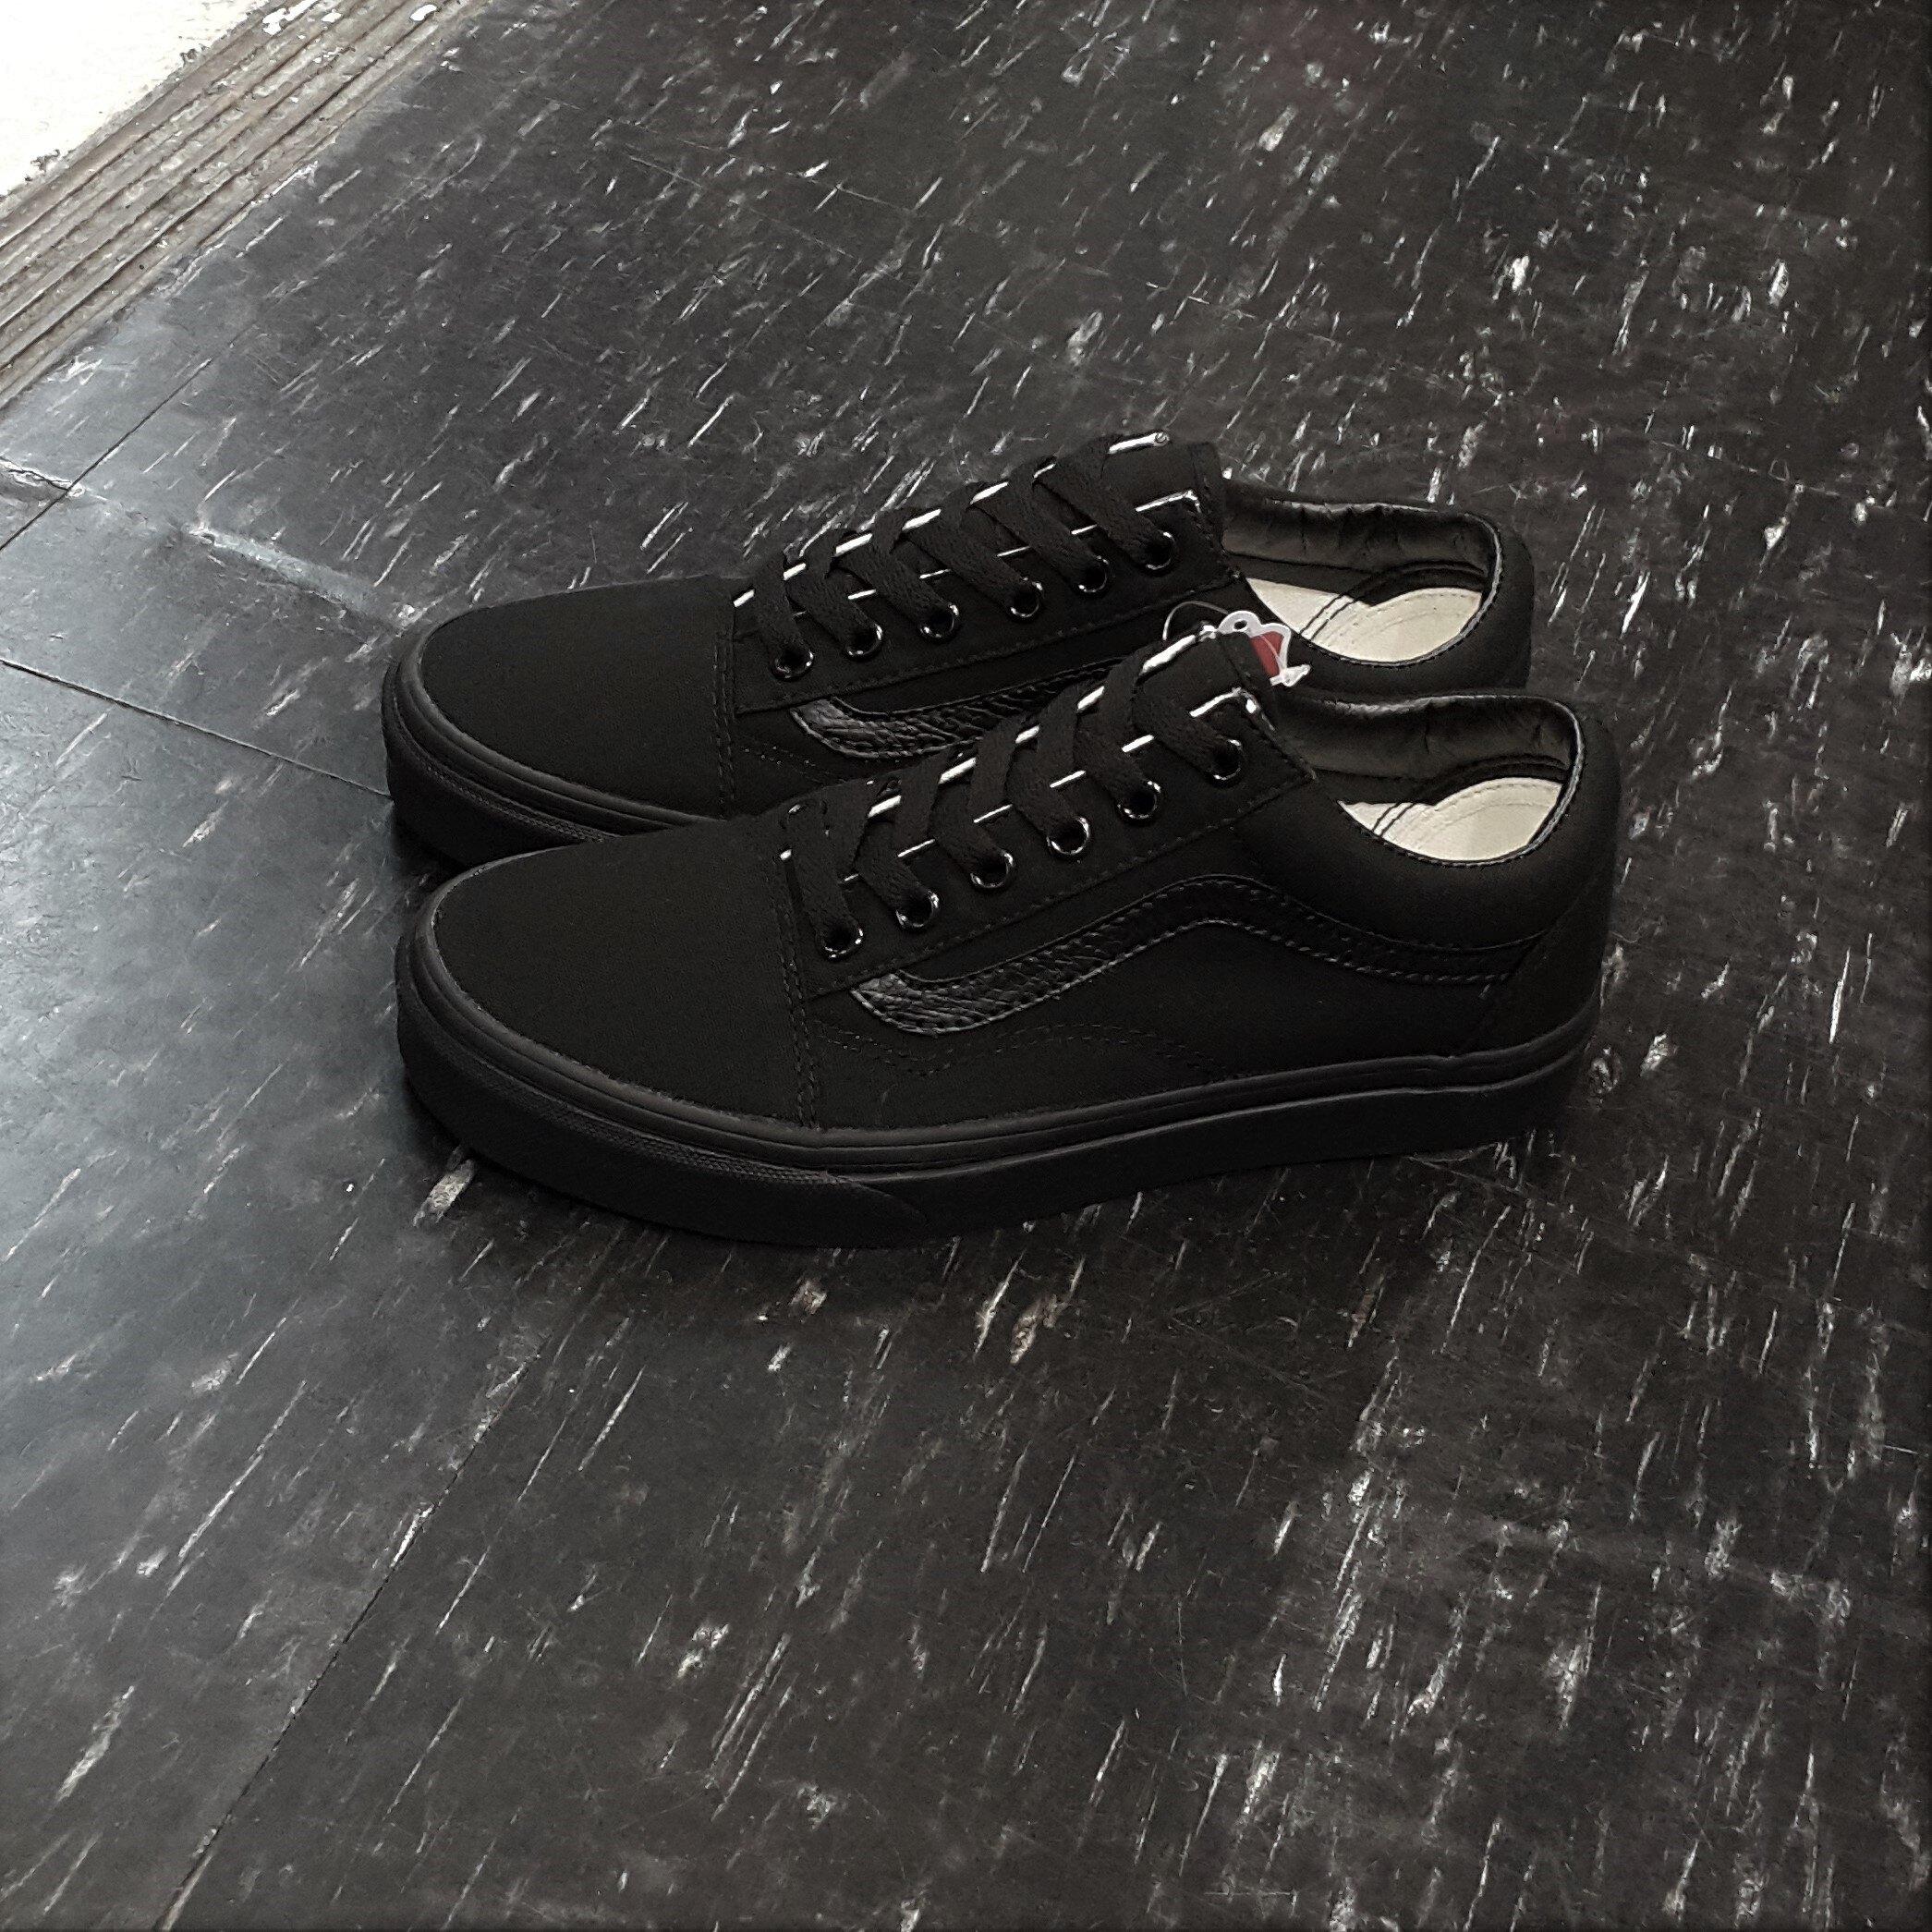 VANS Old Skool Black / Black 黑色 全黑 帆布 基本款 滑板鞋